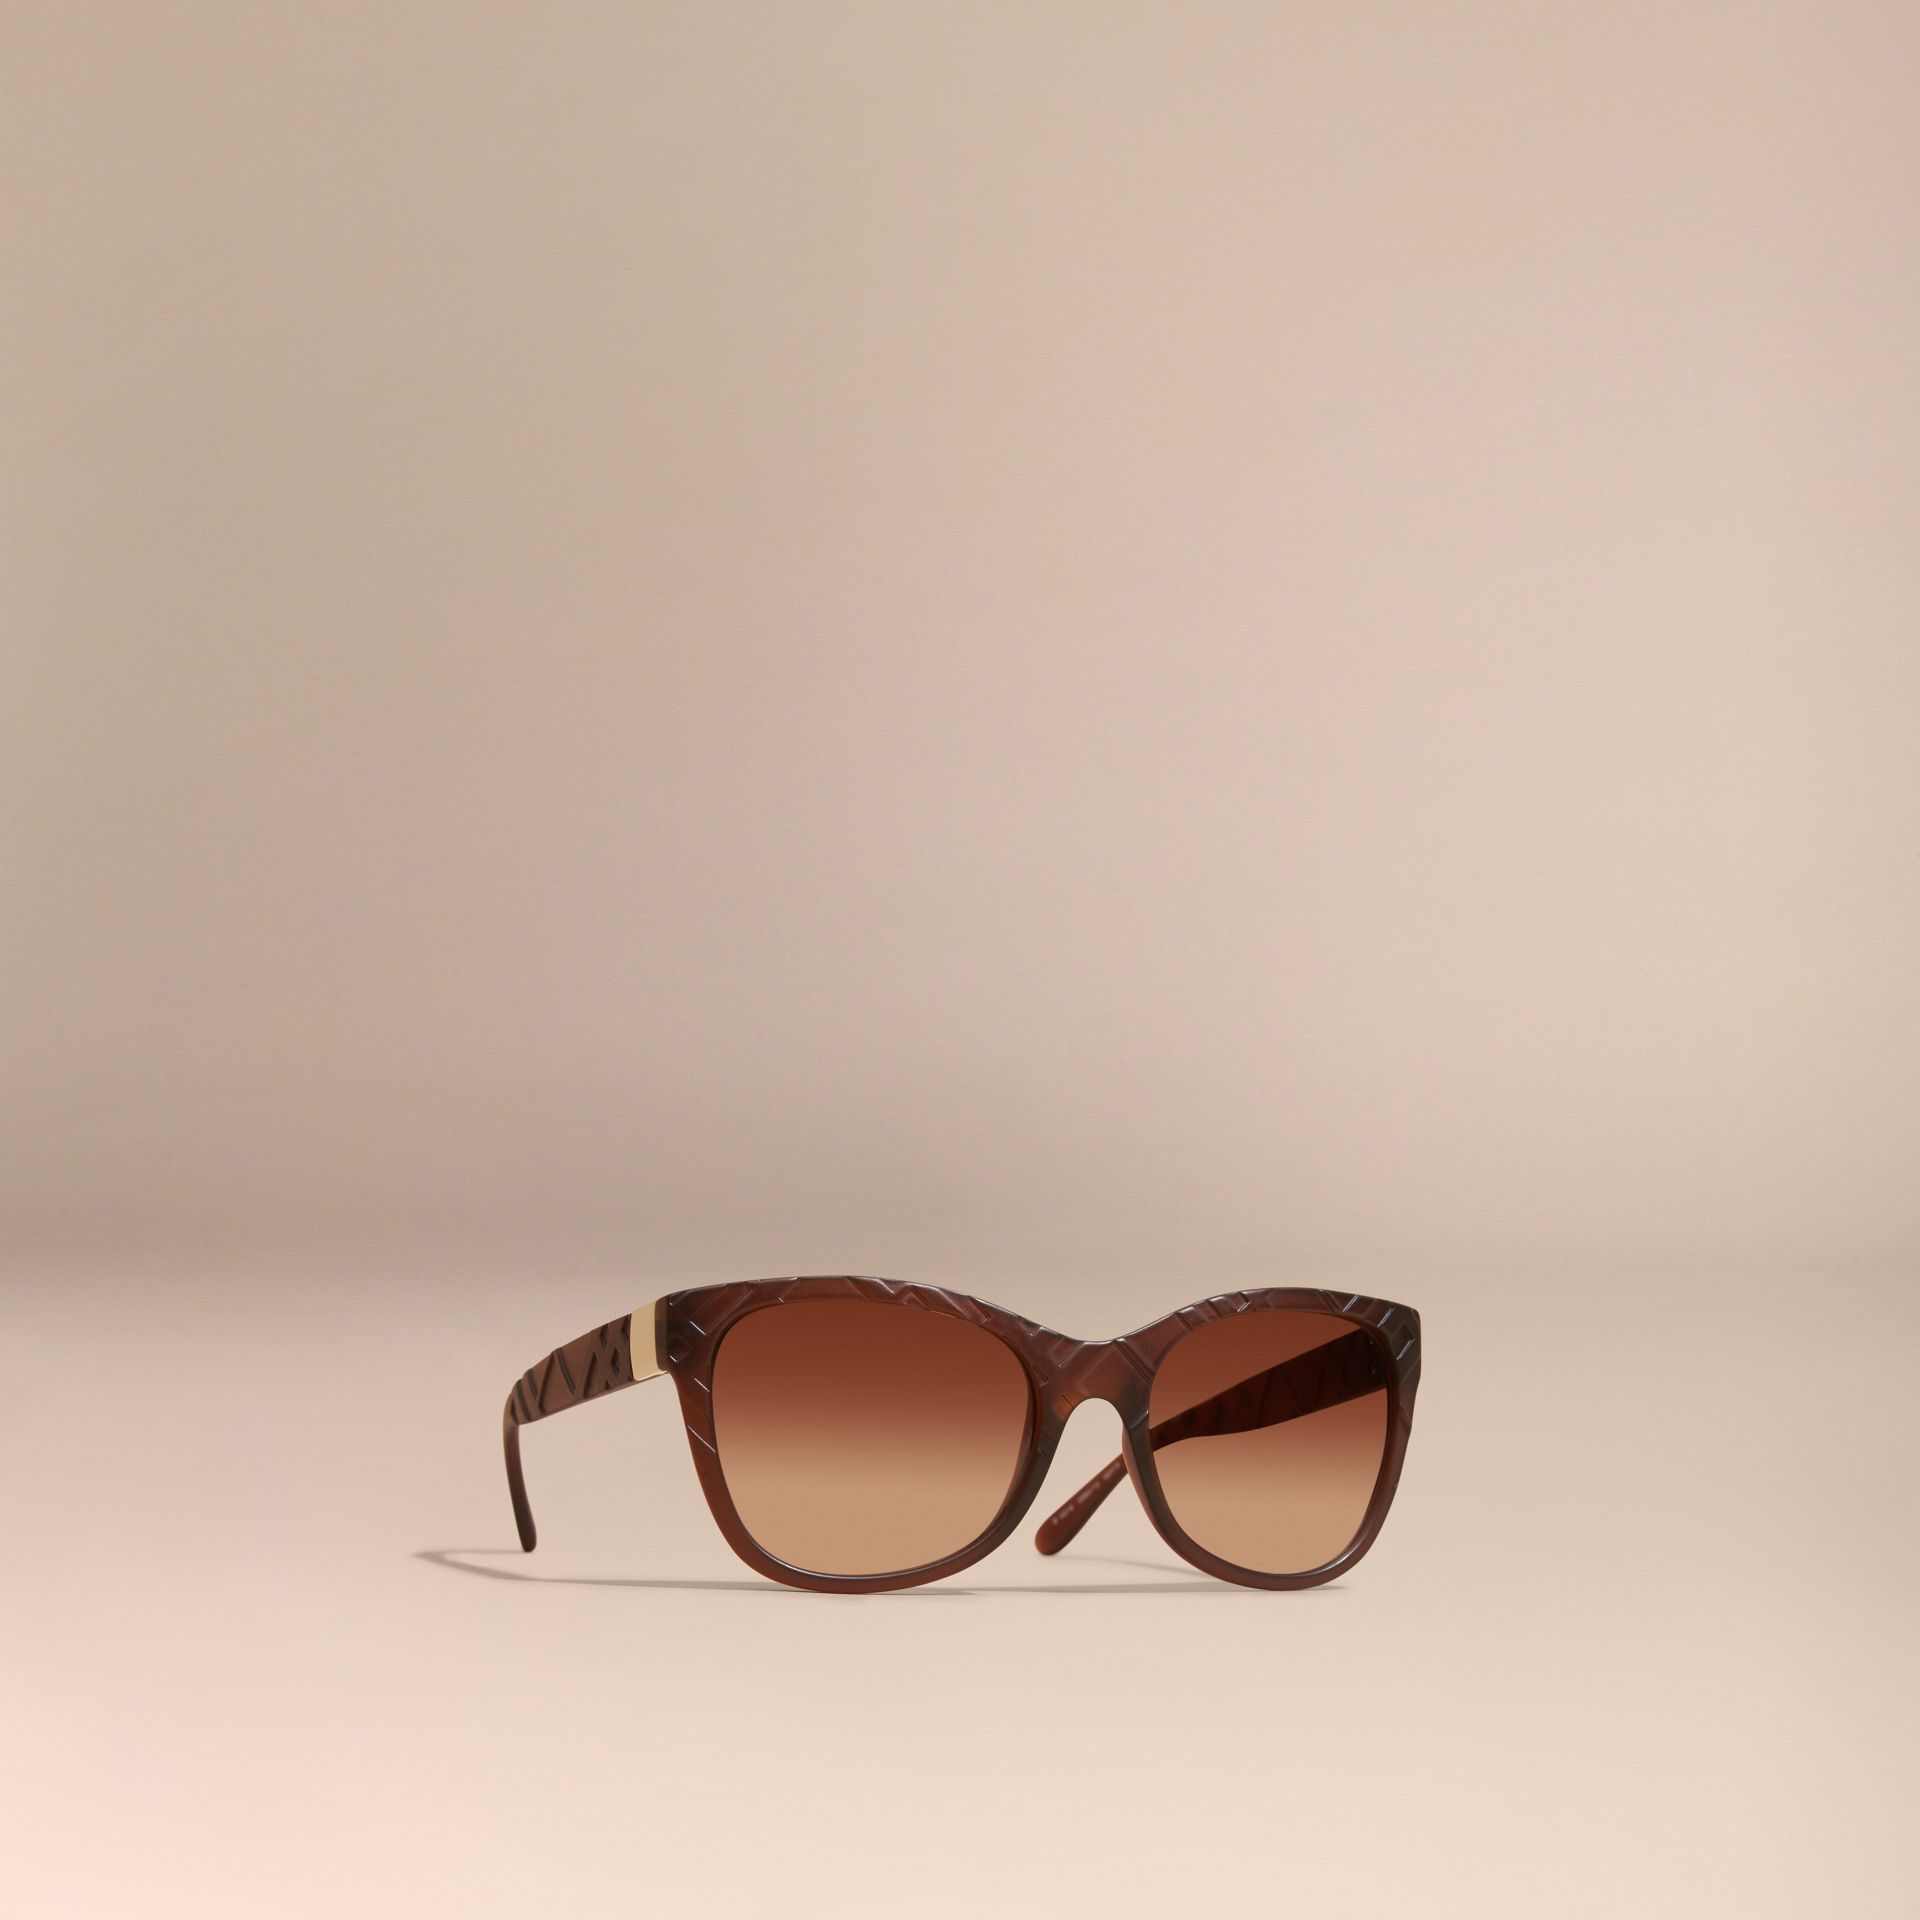 Braun Sonnenbrille mit eckigem Gestell und Check-Detail in 3D Braun - Galerie-Bild 1